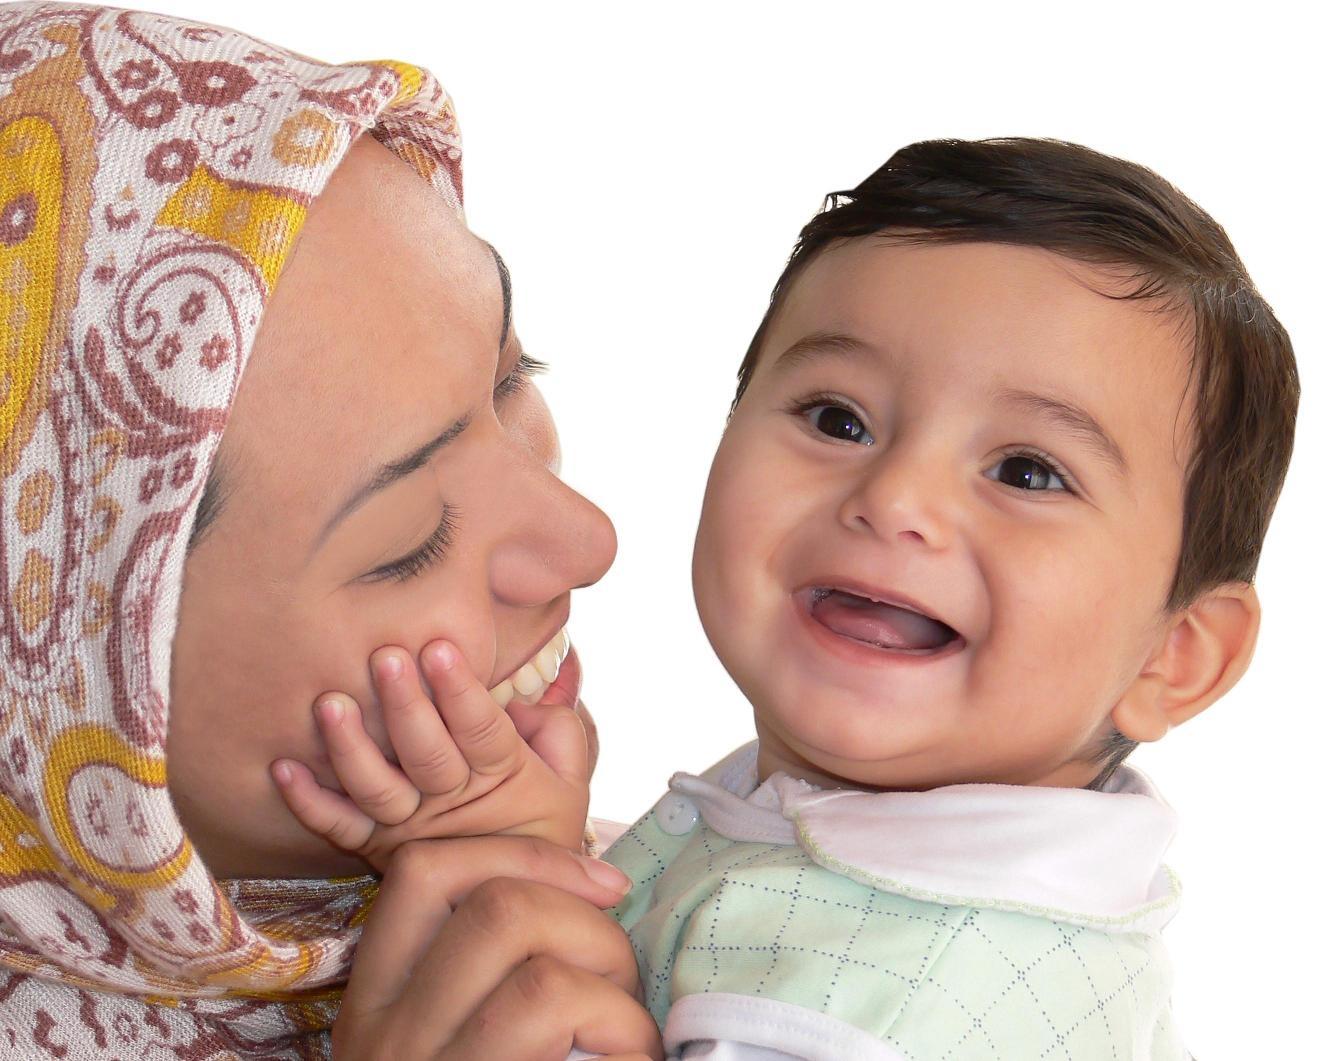 زمان مناسب برای آشنایی کودکان با مفاهیم دینی